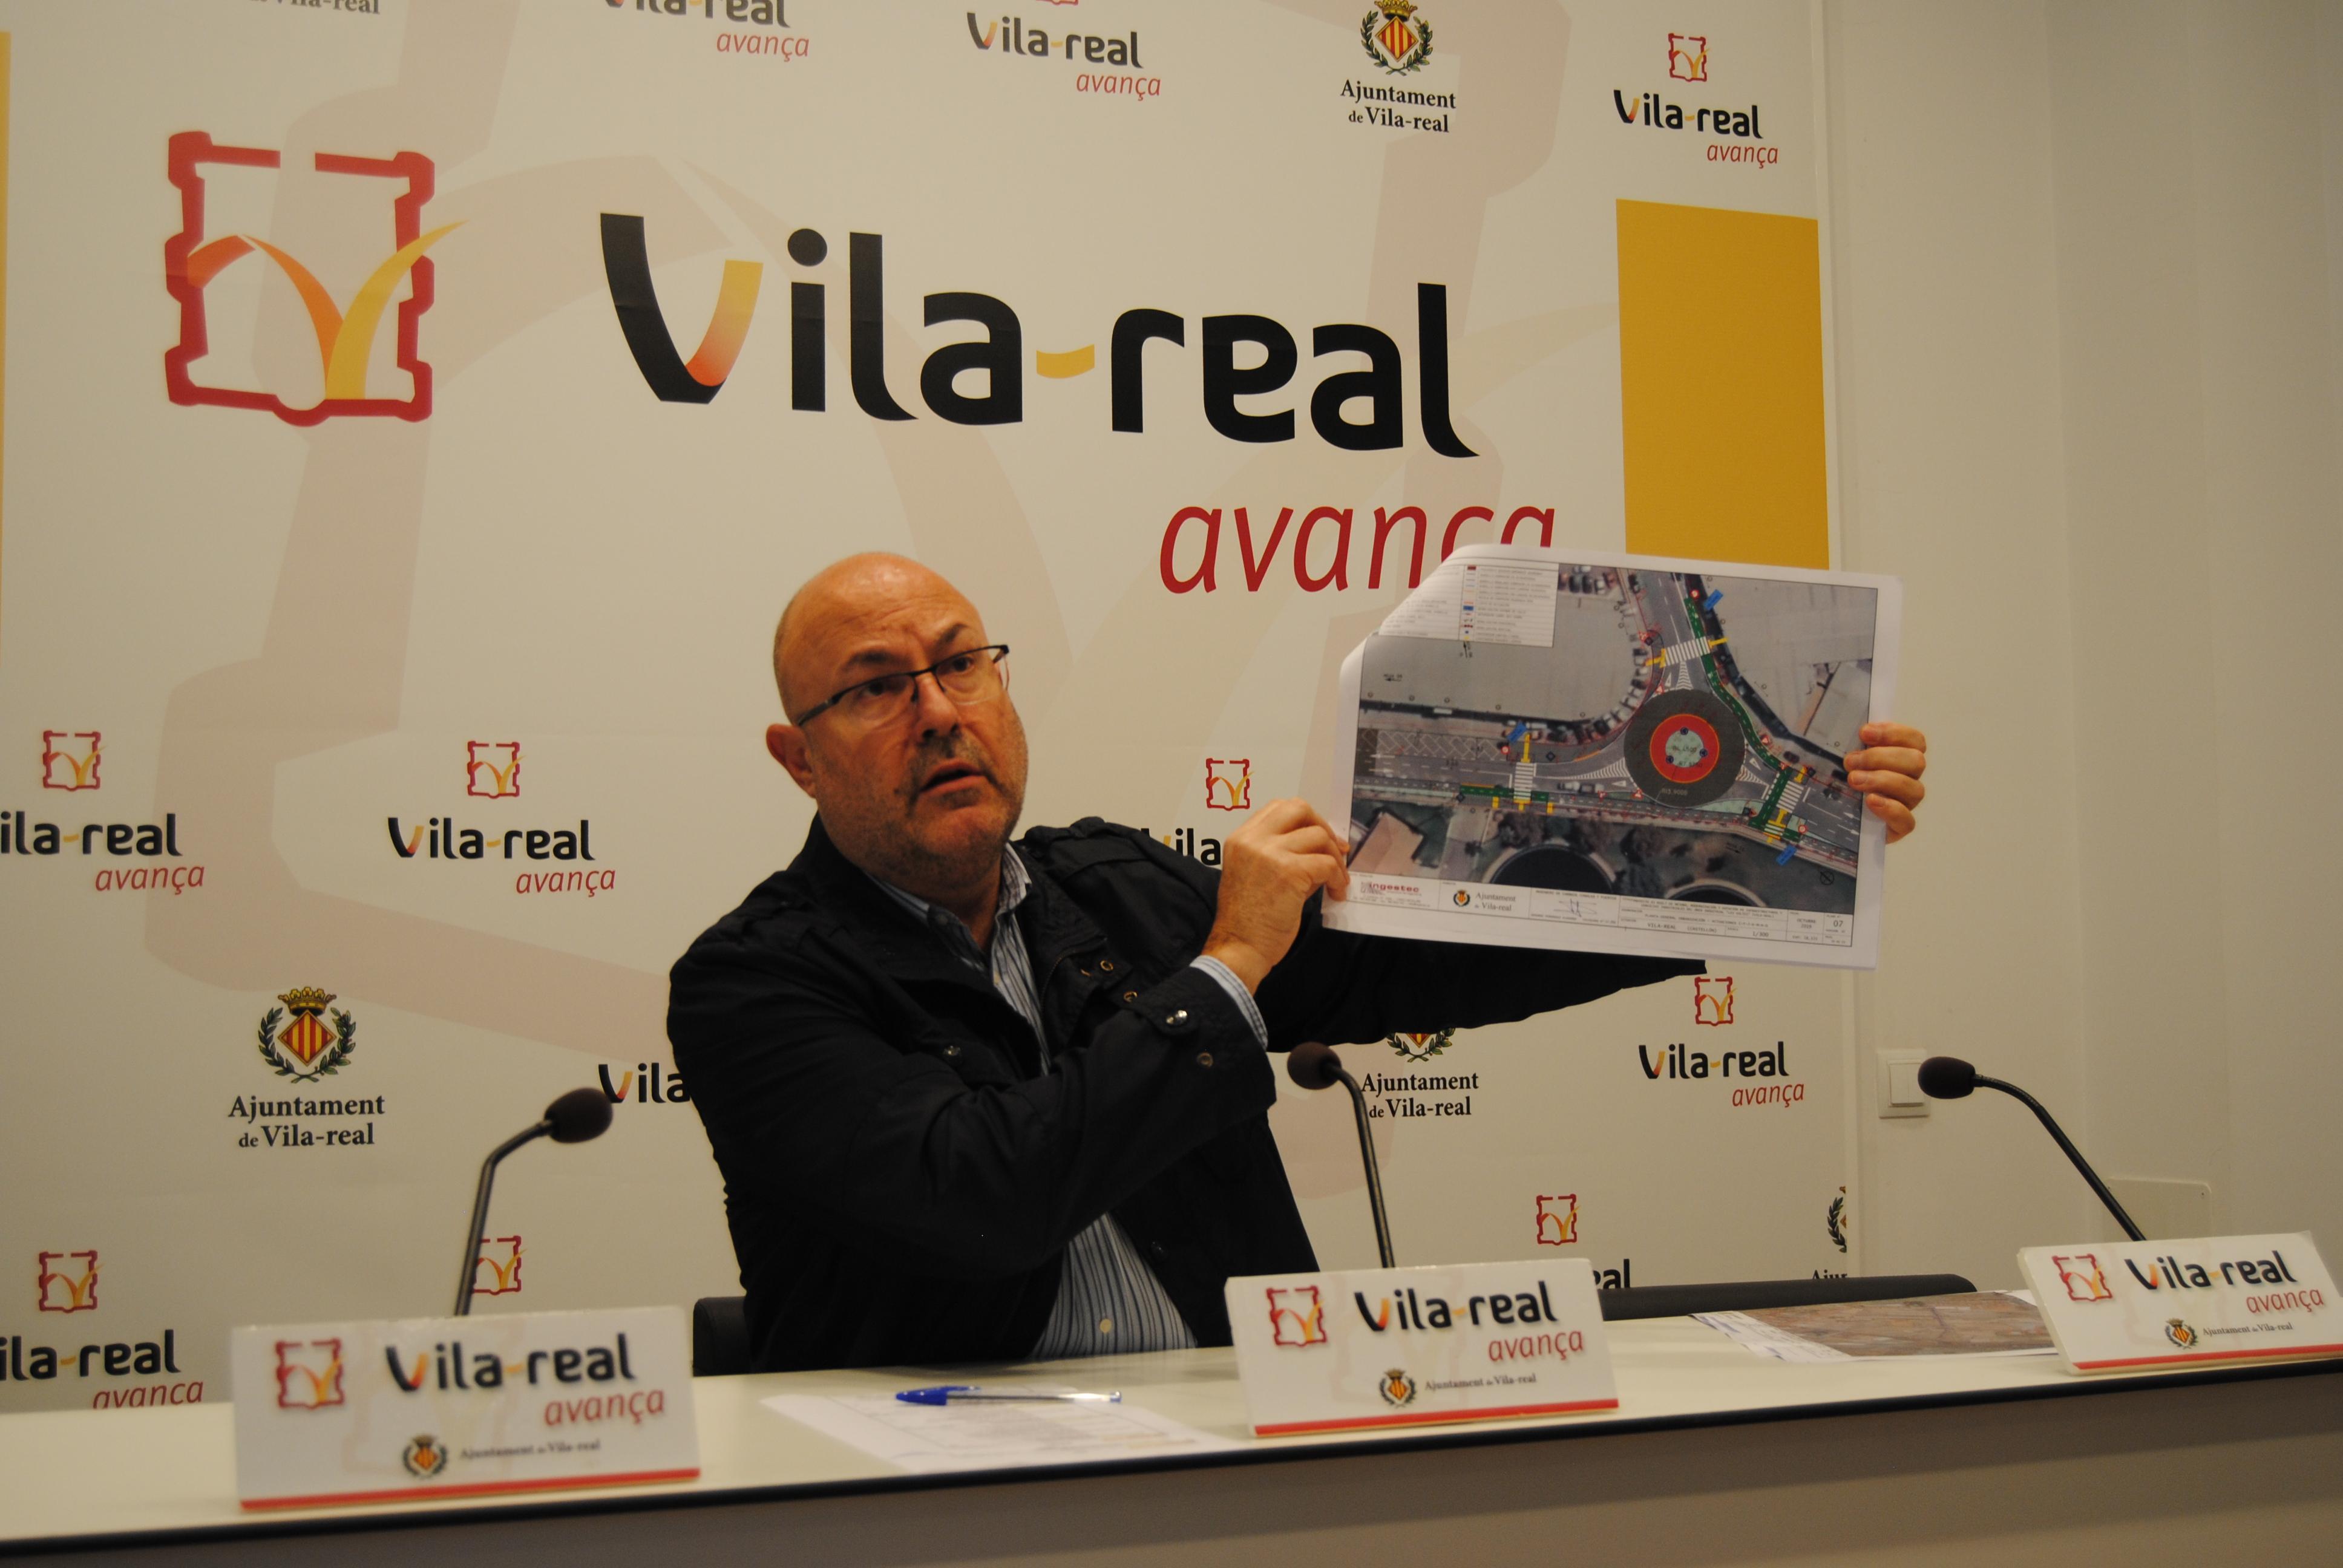 Vila-real prevé completar los cinco proyectos en polígonos industriales antes de final de año.